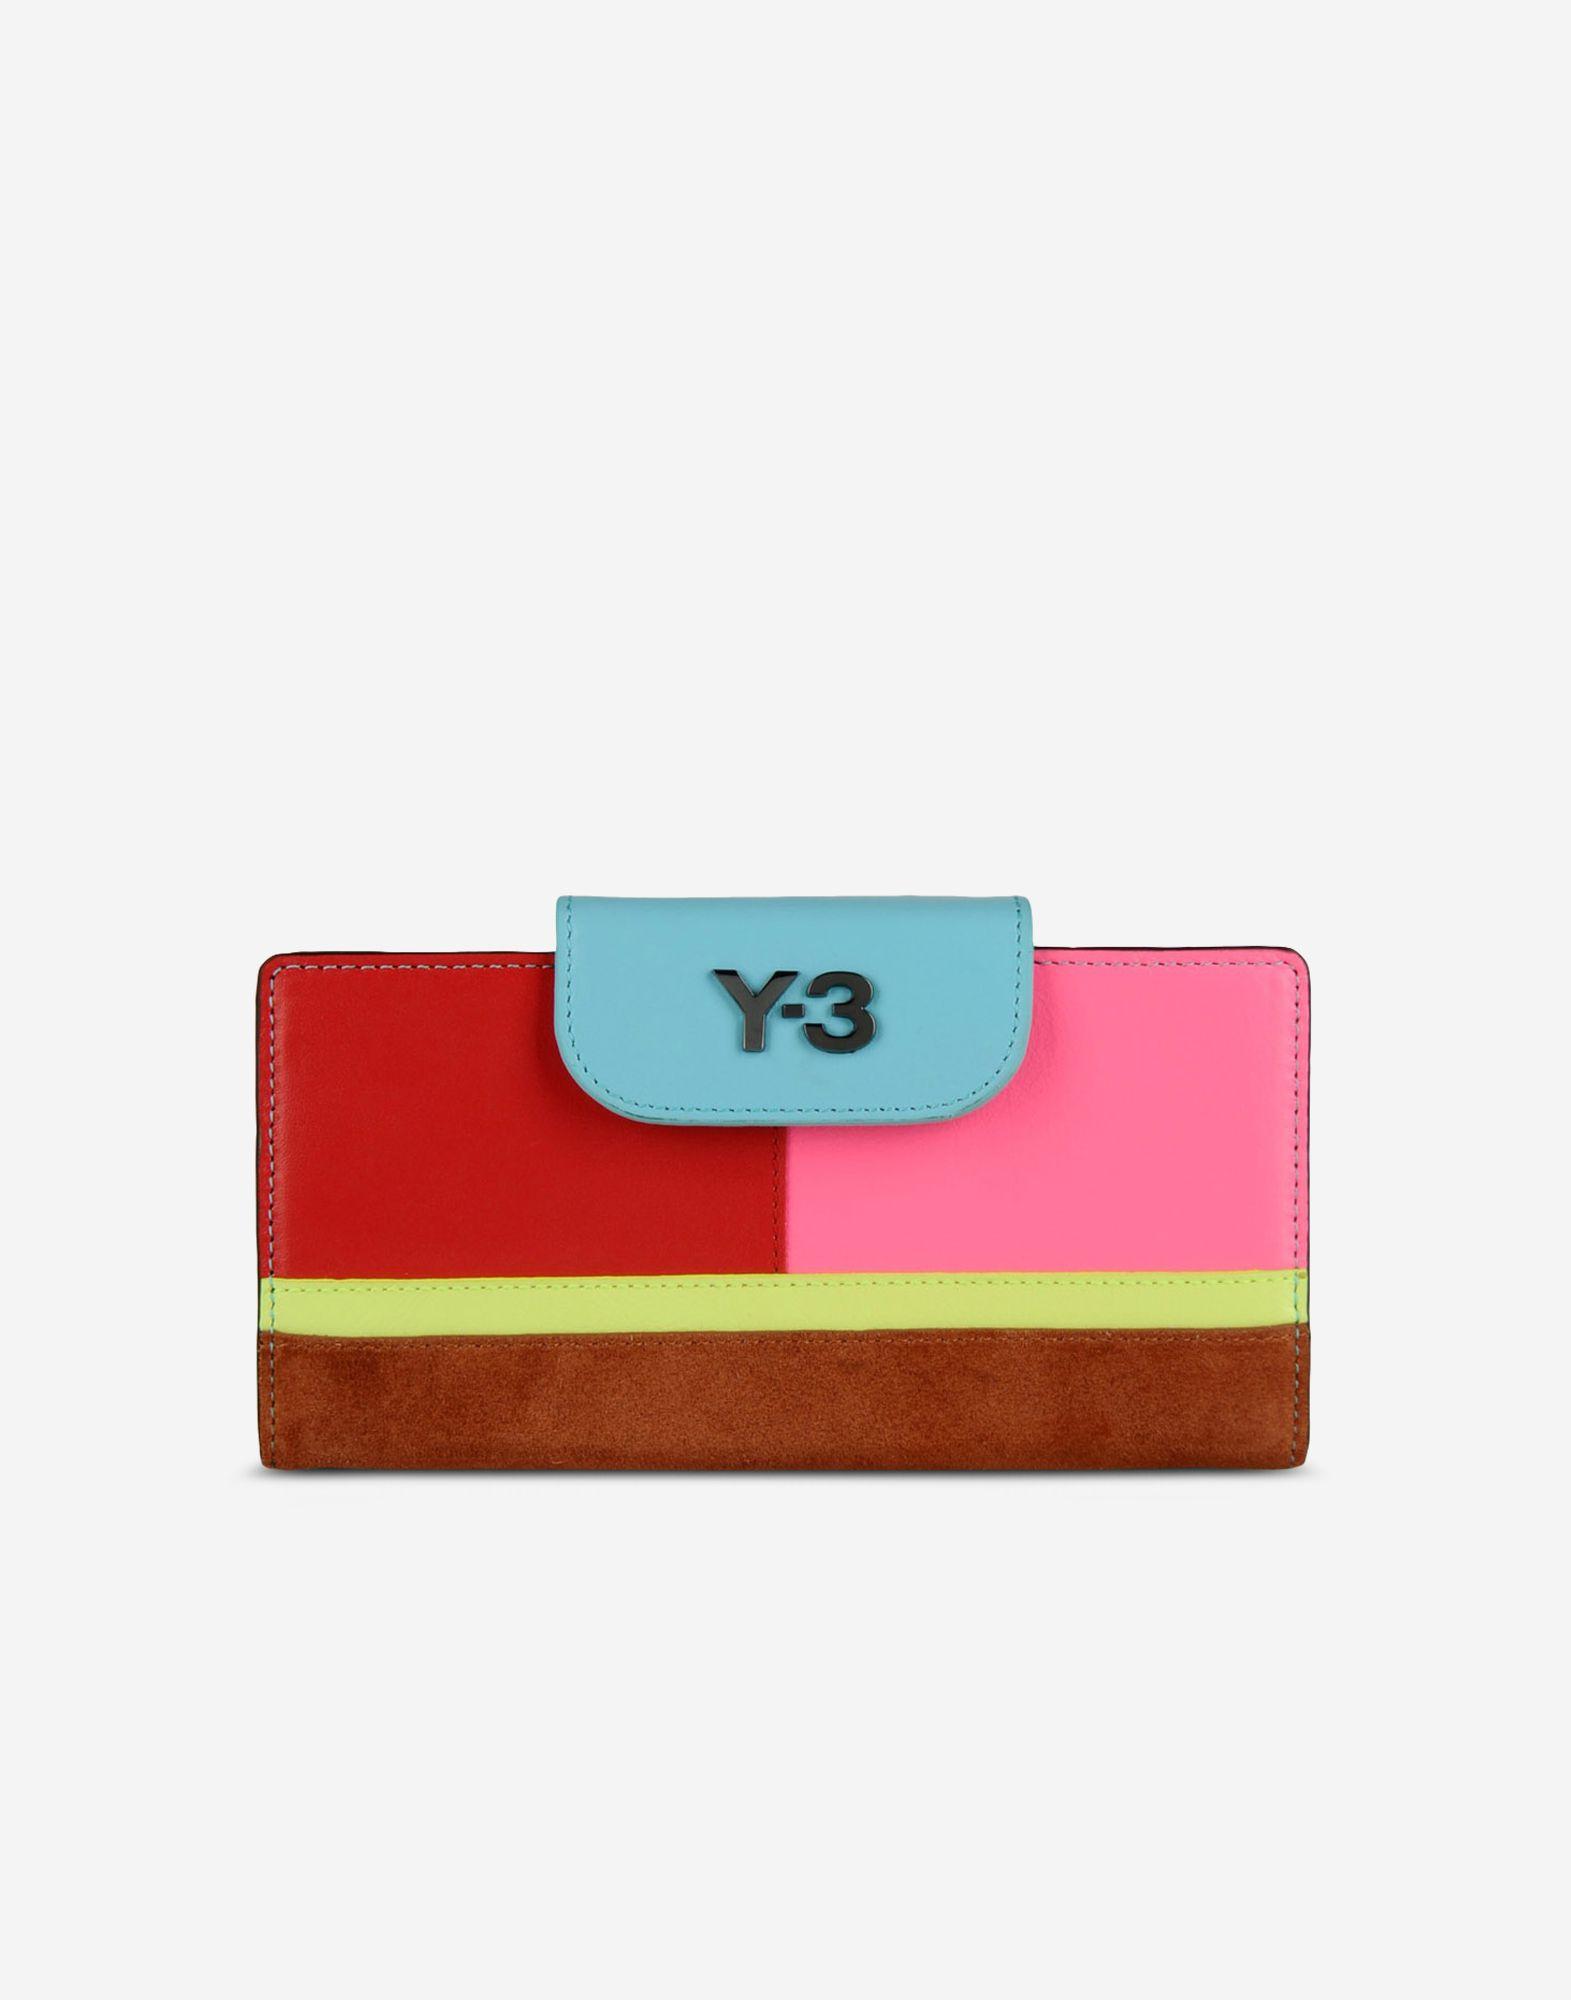 Y 3 Wallet Portefeuilles | Adidas Y-3 Site